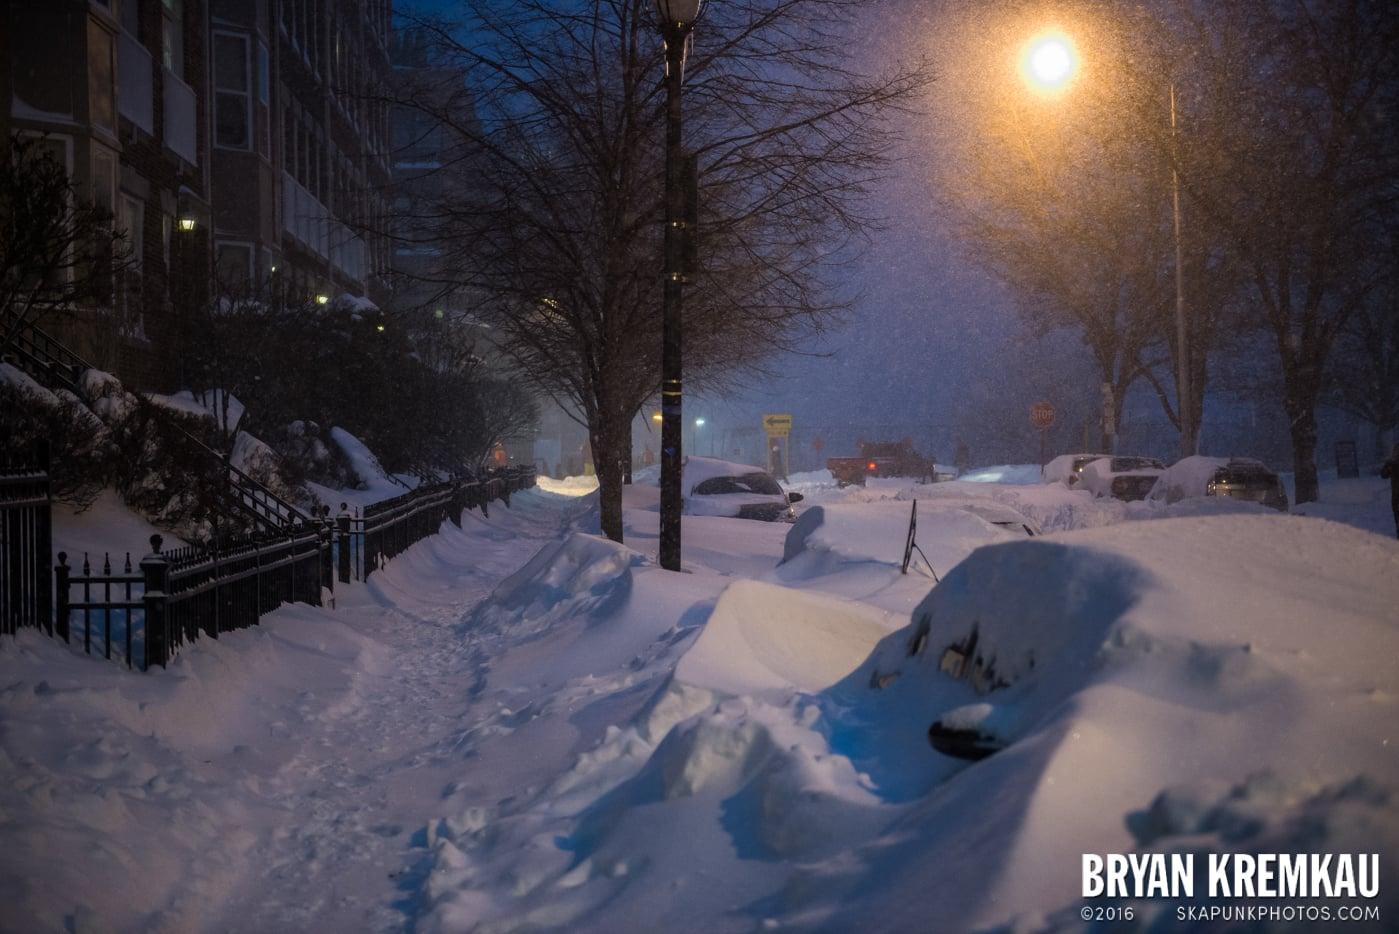 Blizzard 2016 in Jersey City, NJ - 1.23.16 (25)